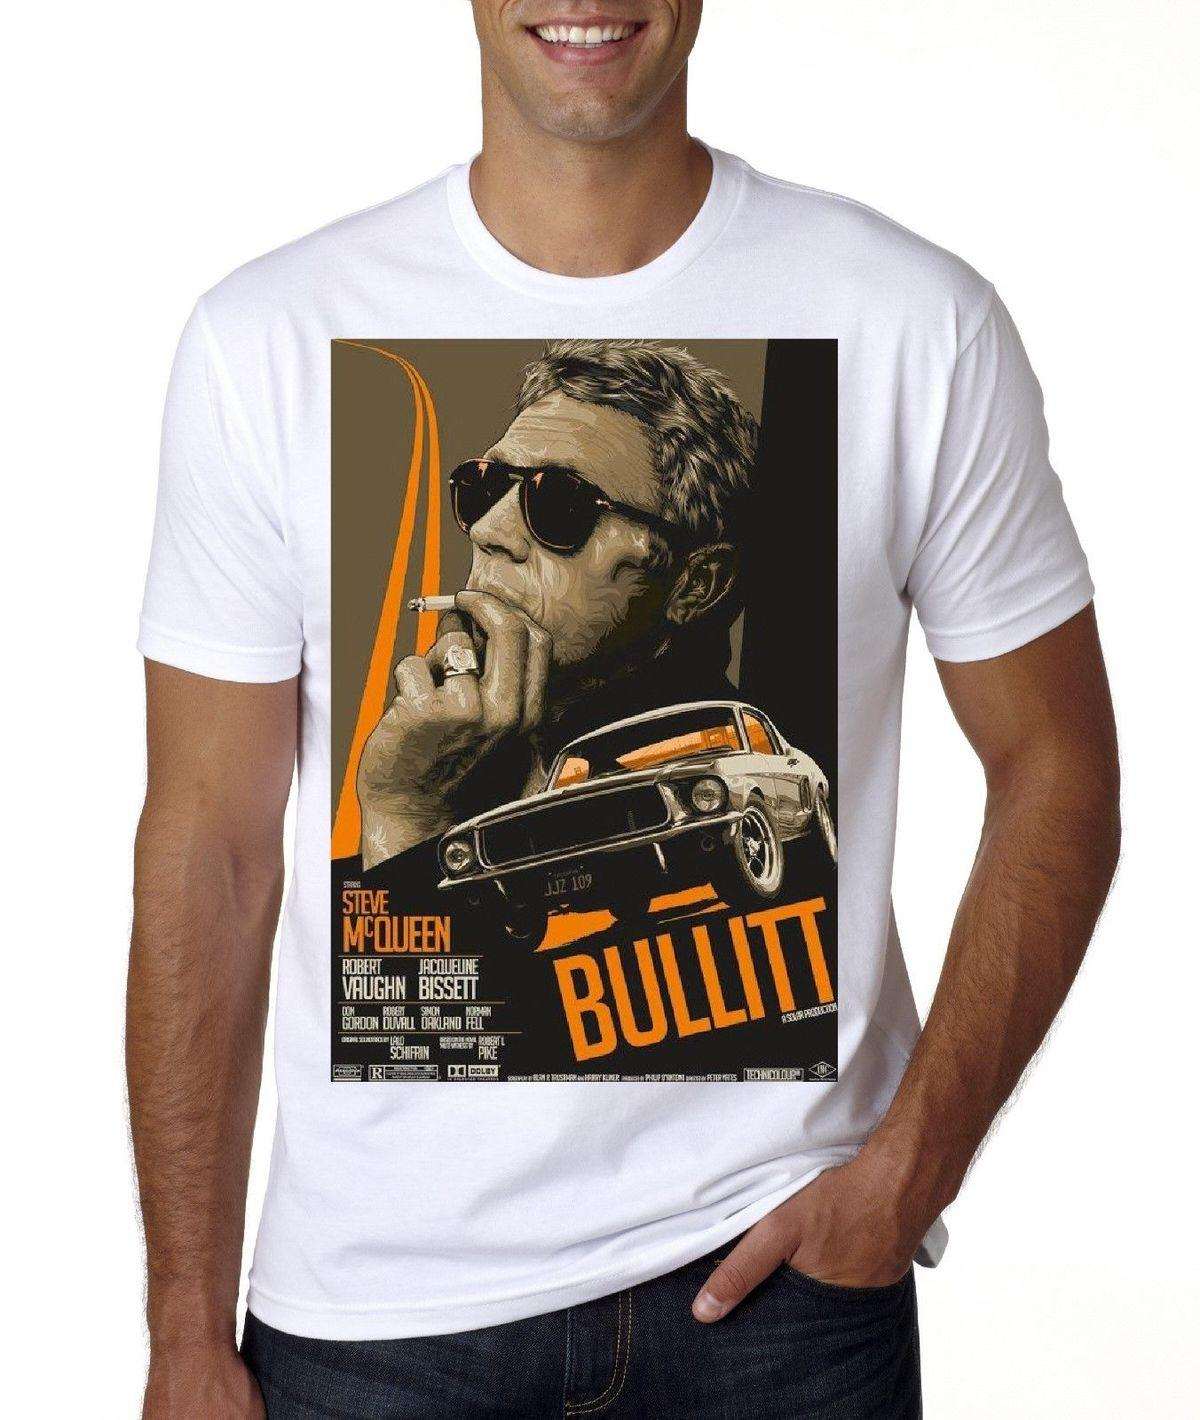 f9a98bd0c8f STEVE MCQUEEN BULLITT POSTER Short Sleeve T Shirt Buy A T Shirt The Coolest  T Shirts From Caisemao05